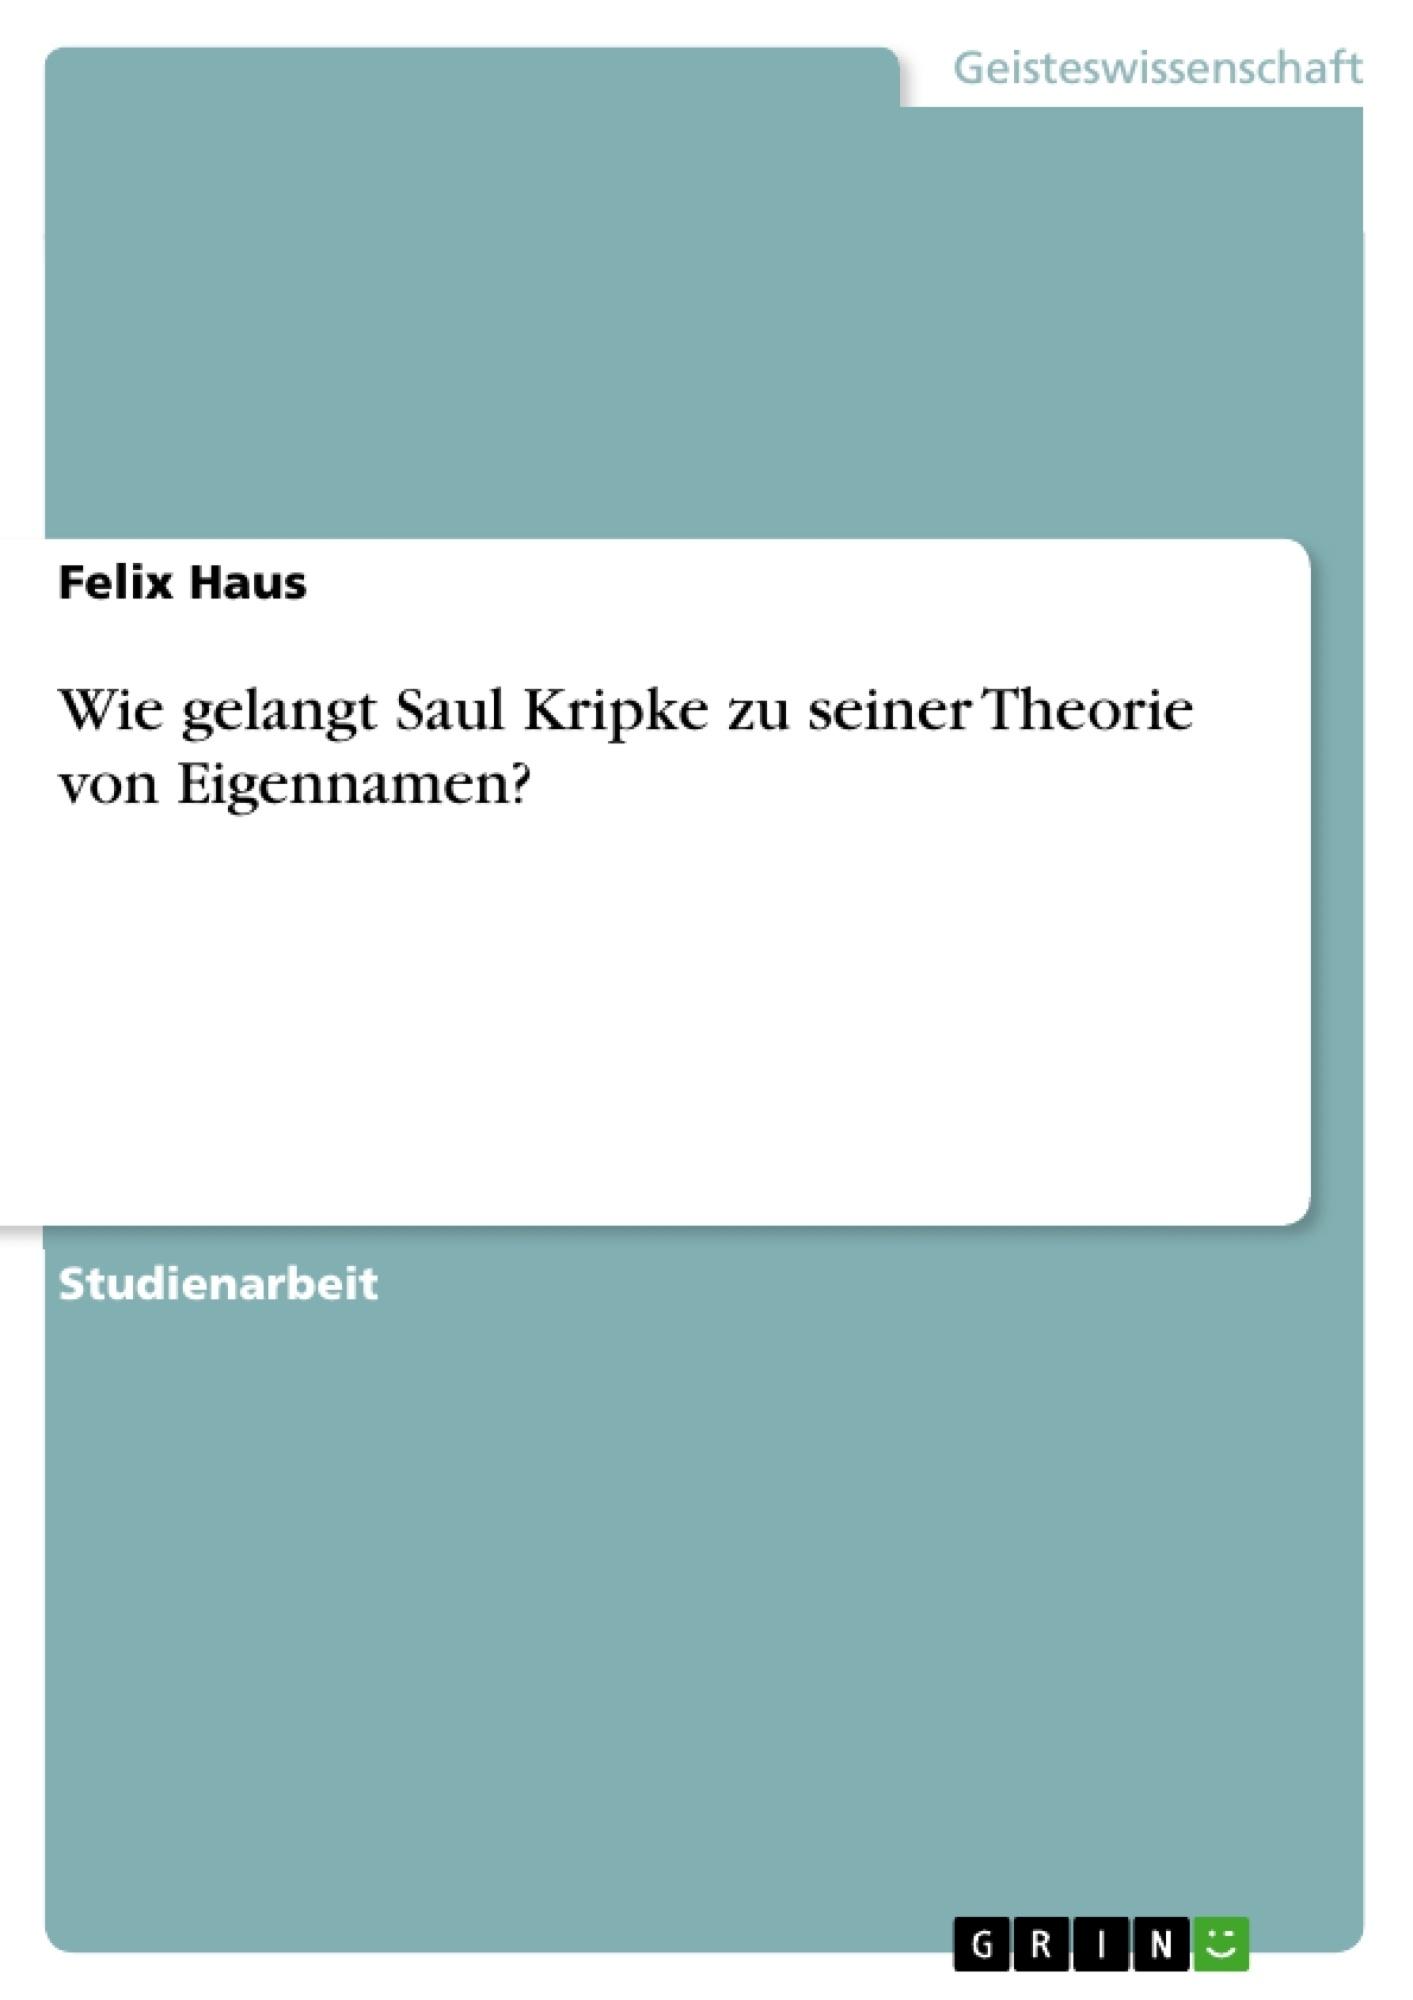 Titel: Wie gelangt Saul Kripke zu seiner Theorie von Eigennamen?